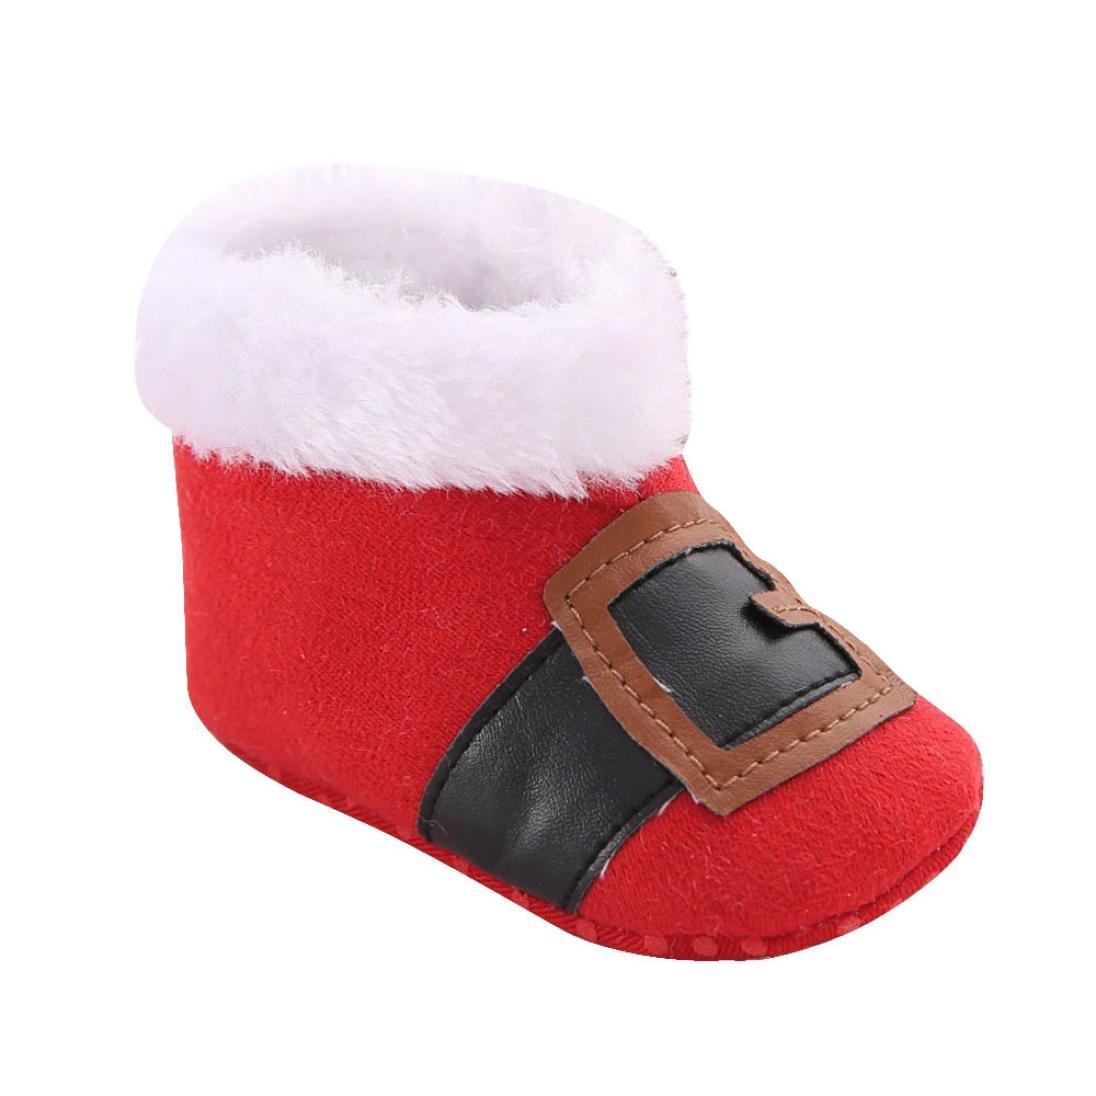 Fulltime® Bébé Tout Chaussures Bottes de Neige de Noël Douce Sole Crib Prewalker